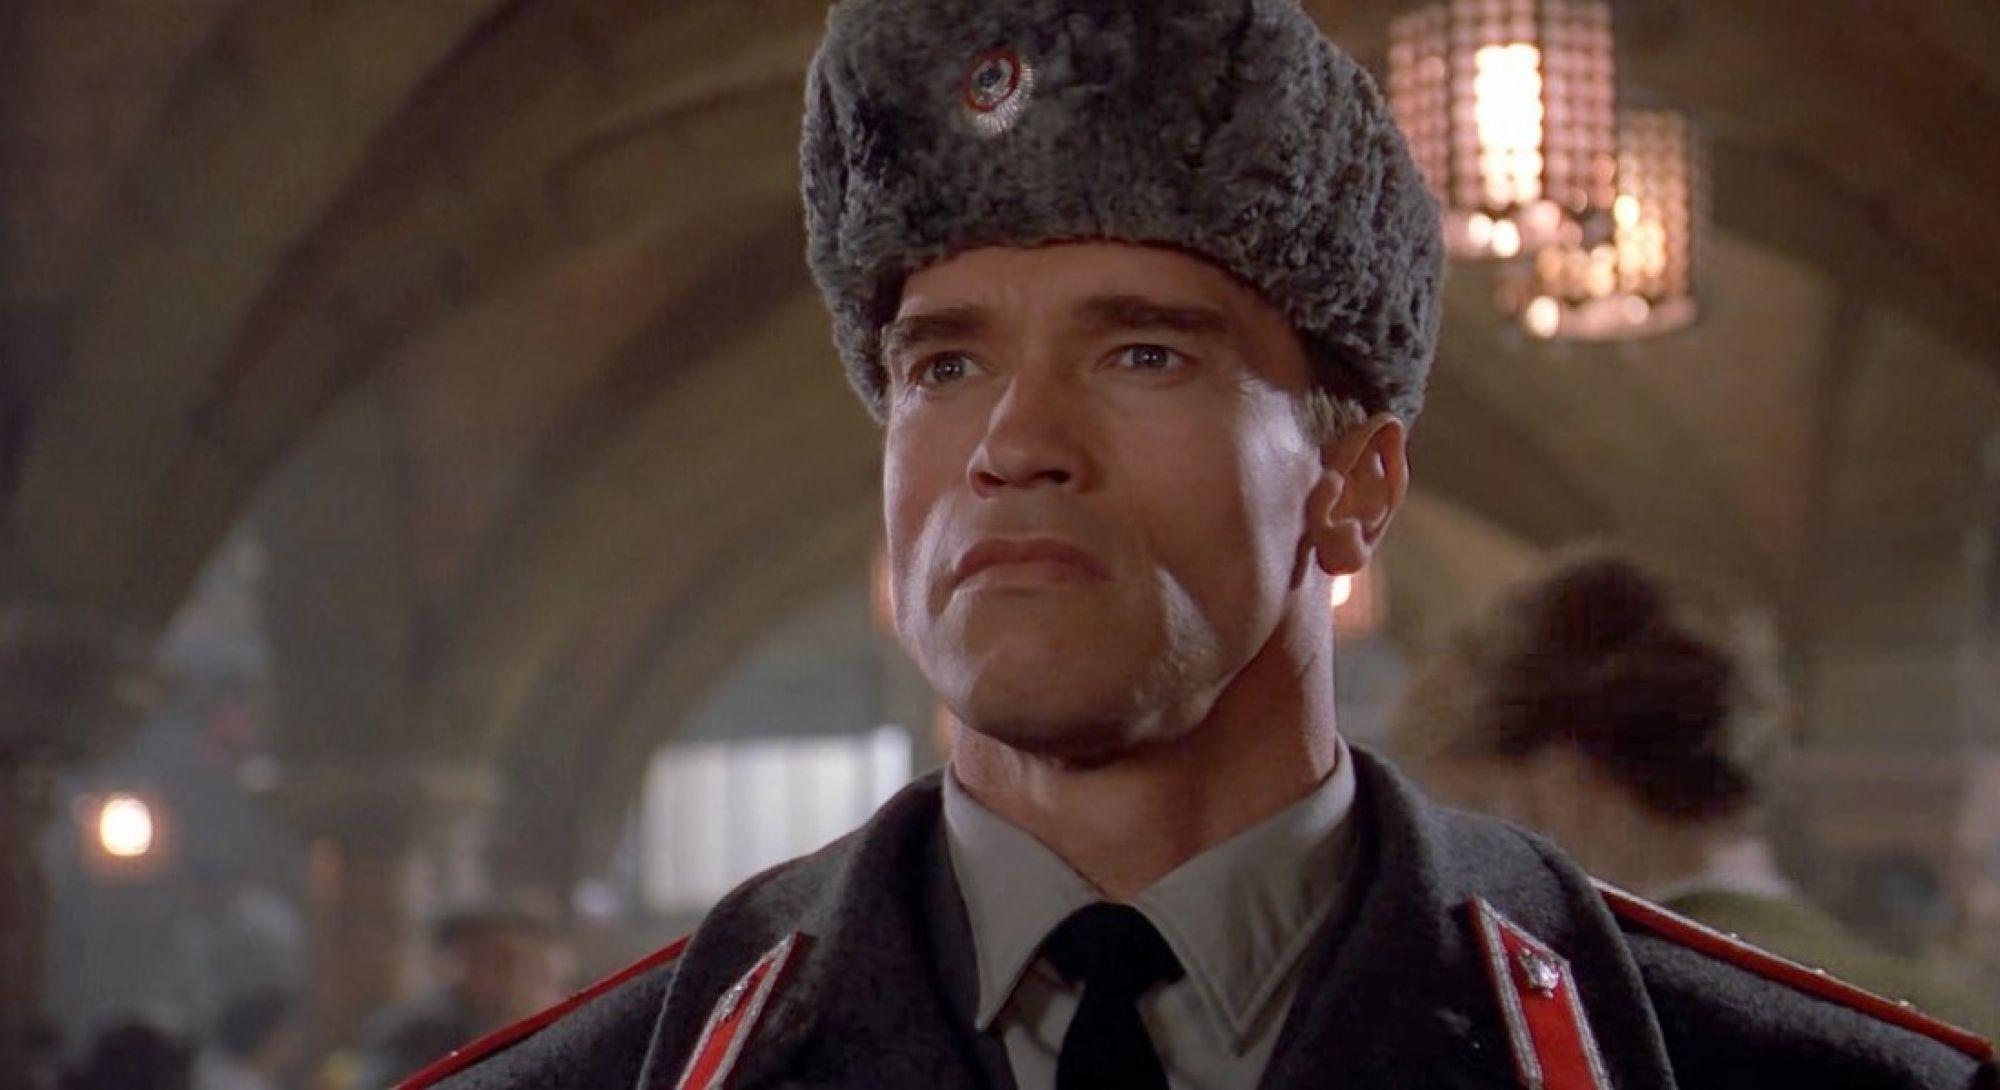 """Сиквел """"Красной жары"""" на подходе: Арнольд Шварценеггер показал сына в форме офицера МВД"""